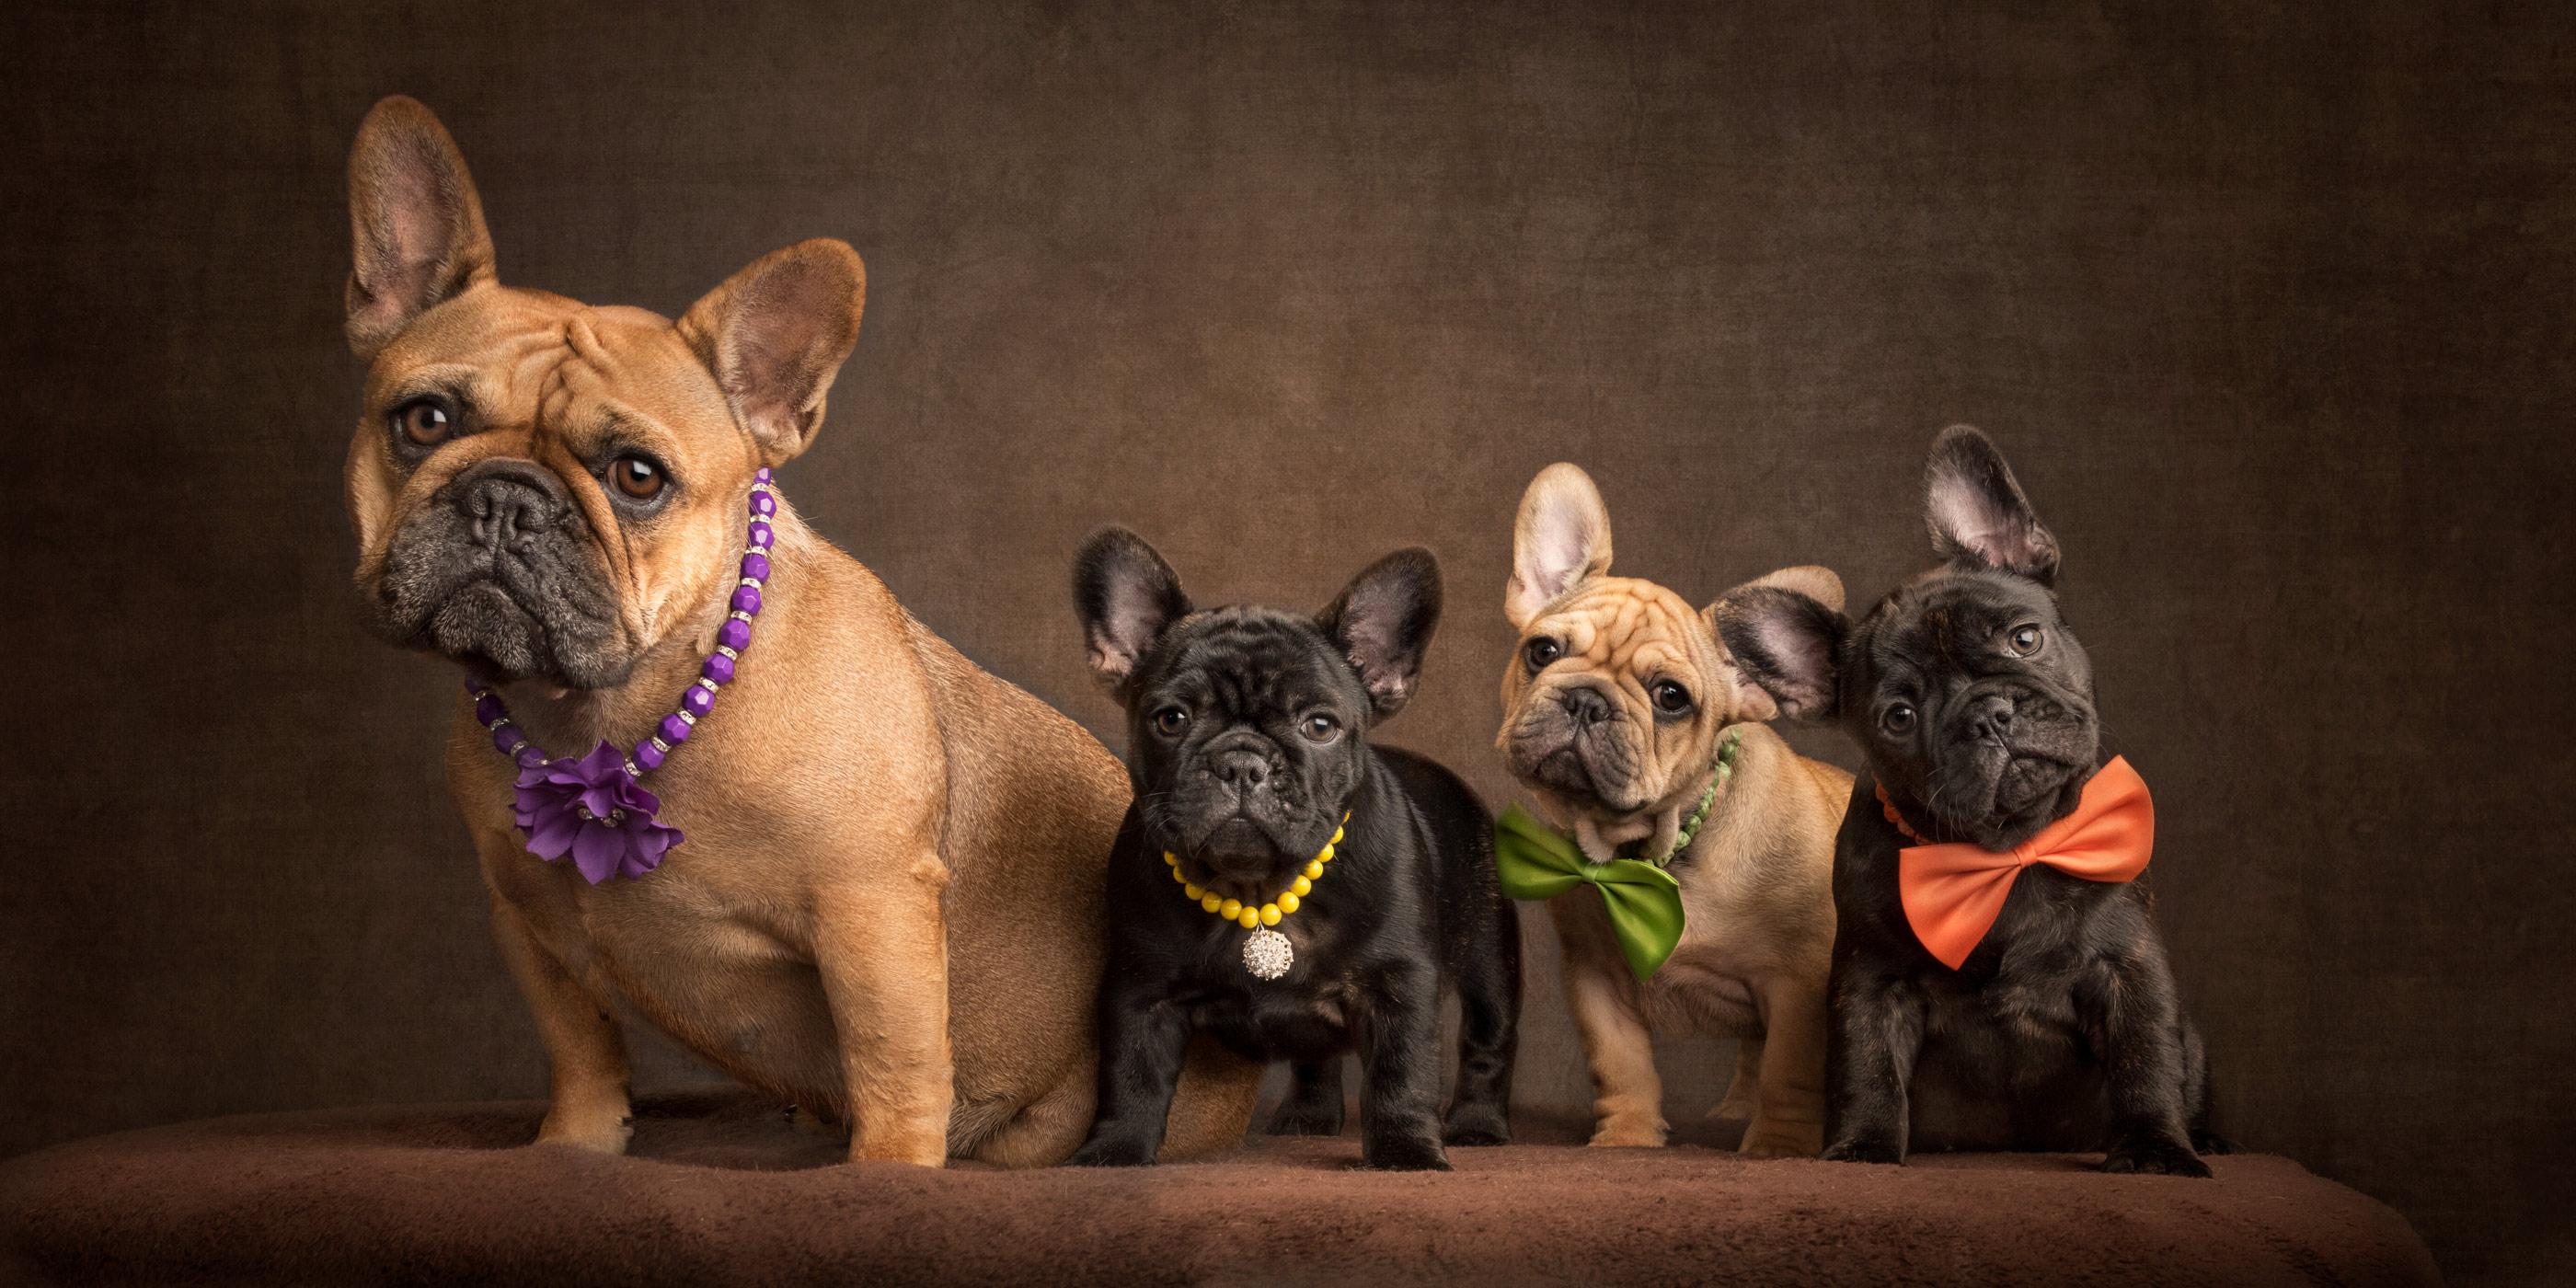 French Bulldog mum and litter of three puppies